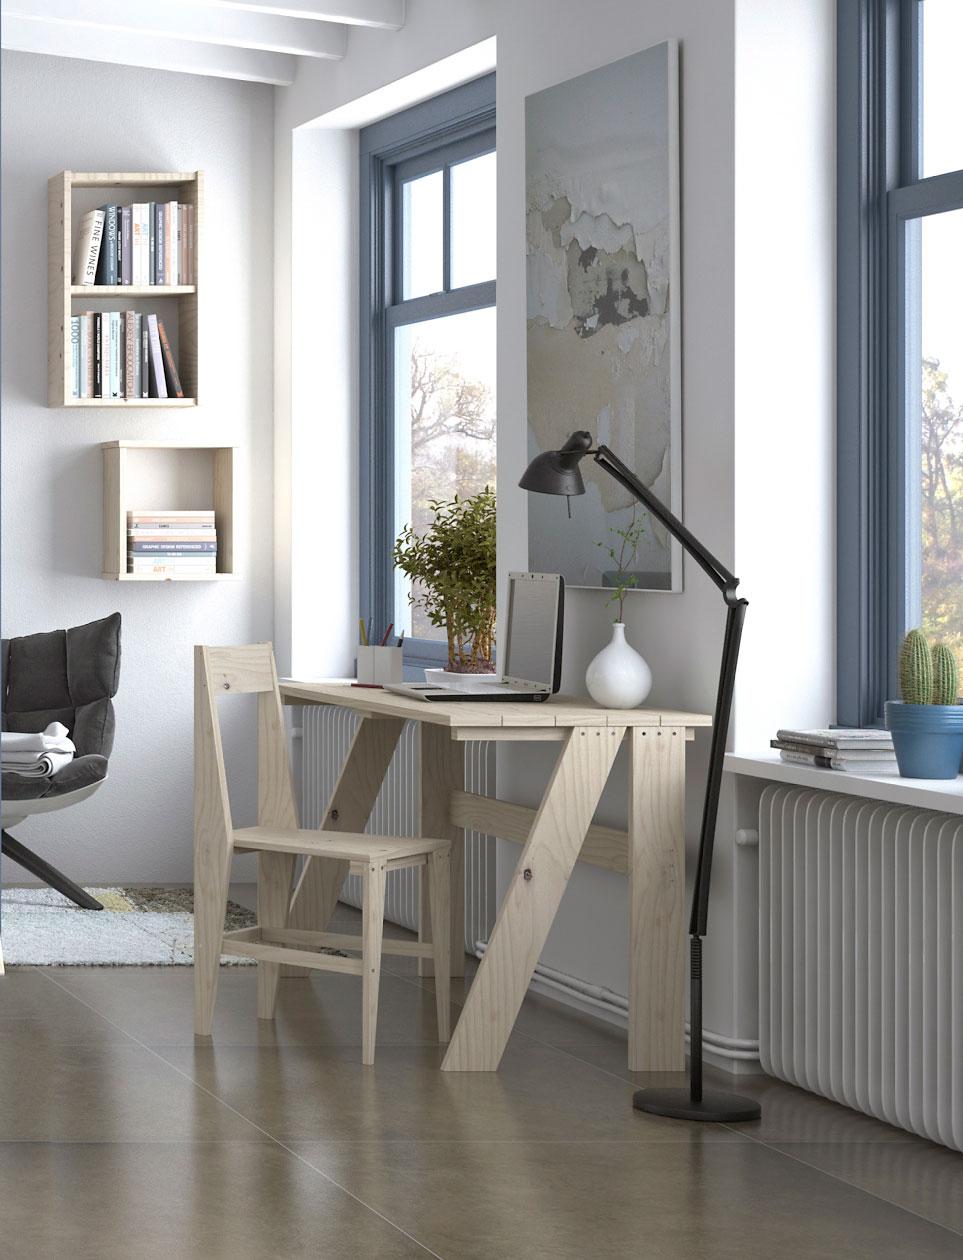 Muebles lufe estos das se habla en muchos medios de - Muebles lufe azpeitia ...